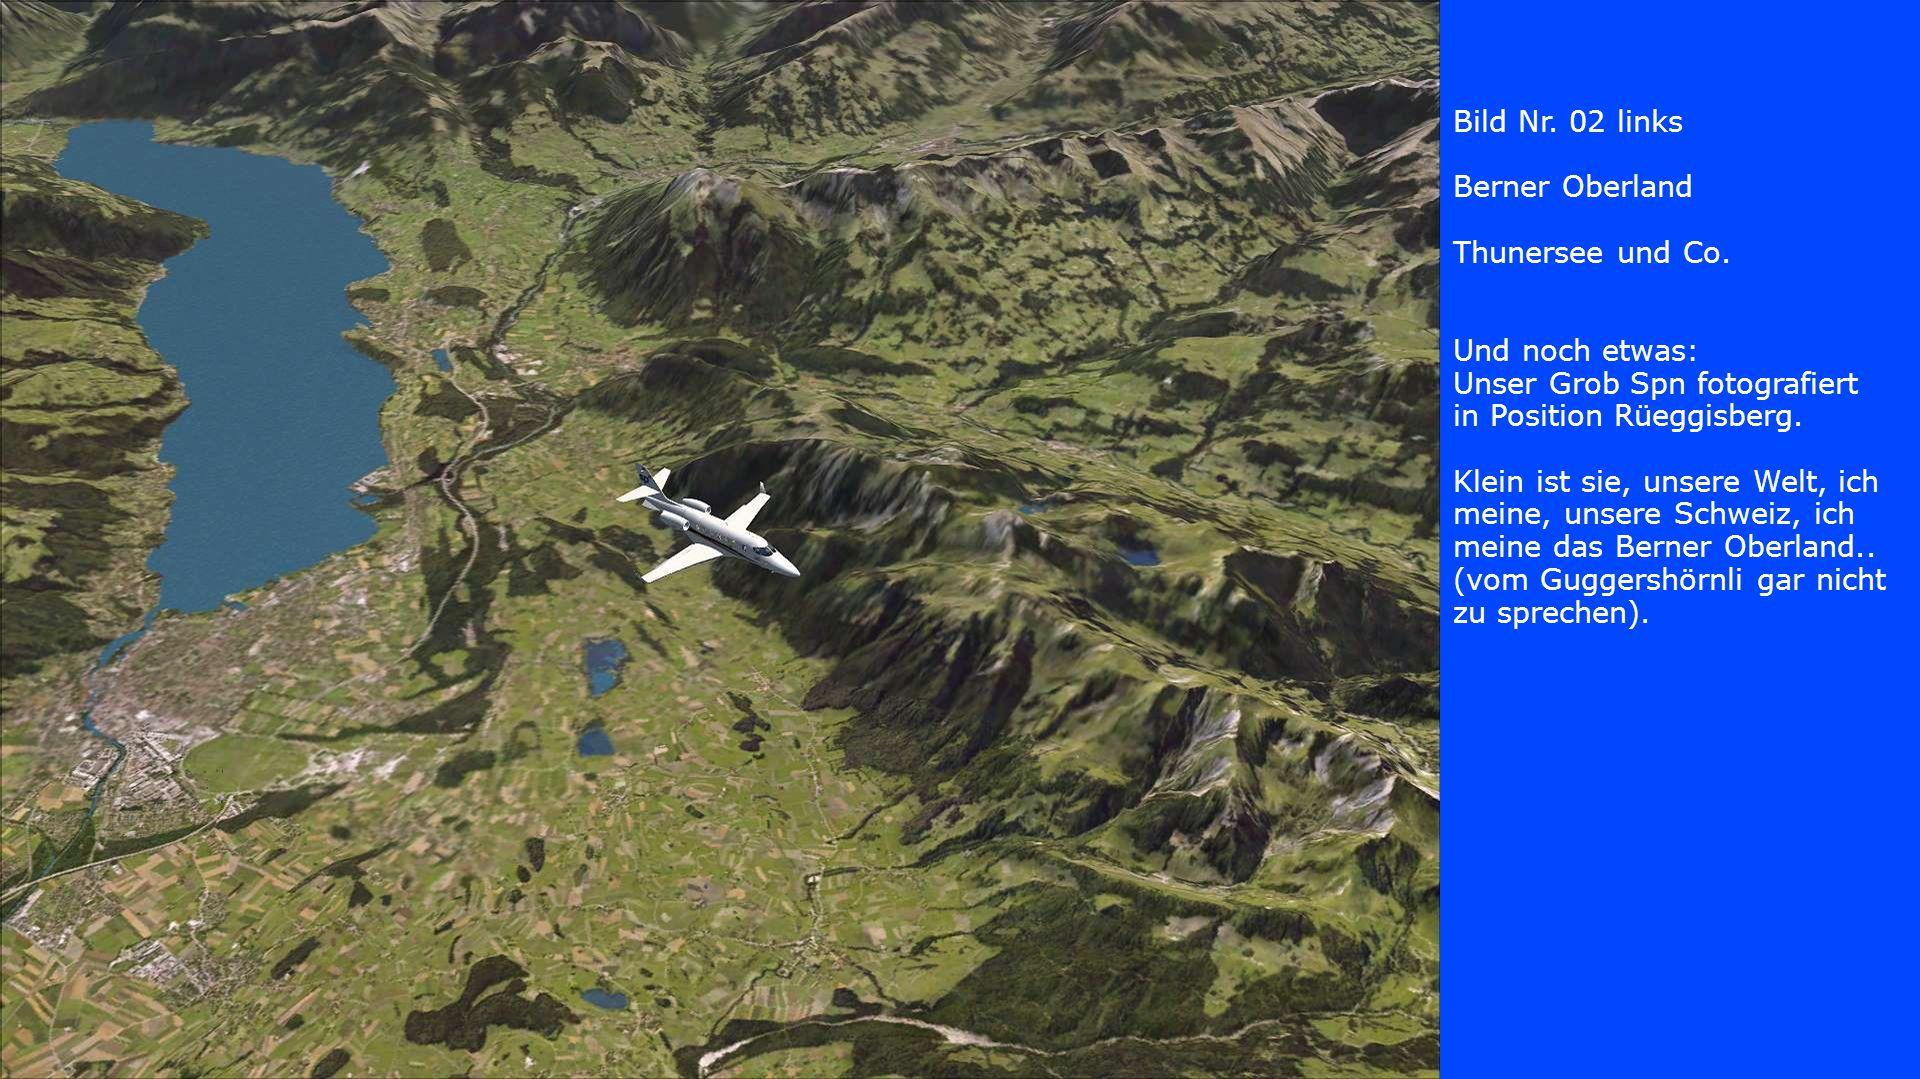 Bild Nr. 02 links Berner Oberland Thunersee und Co. Und noch etwas: Unser Grob Spn fotografiert in Position Rüeggisberg. Klein ist sie, unsere Welt, i